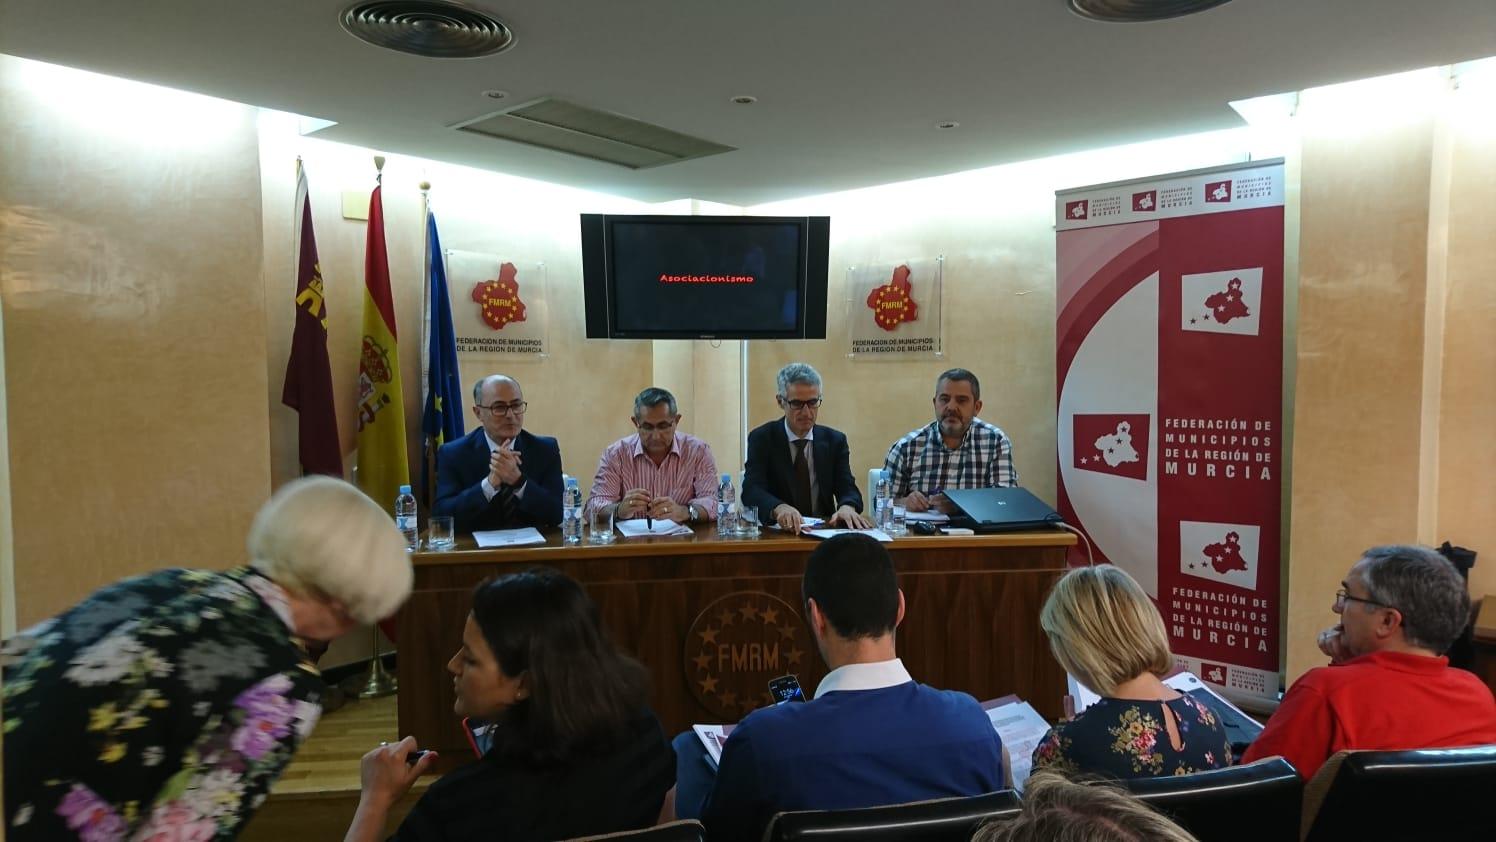 28 mayo de 2018. Reunión de ATME con la Federación de Municipios de la Región de Murcia